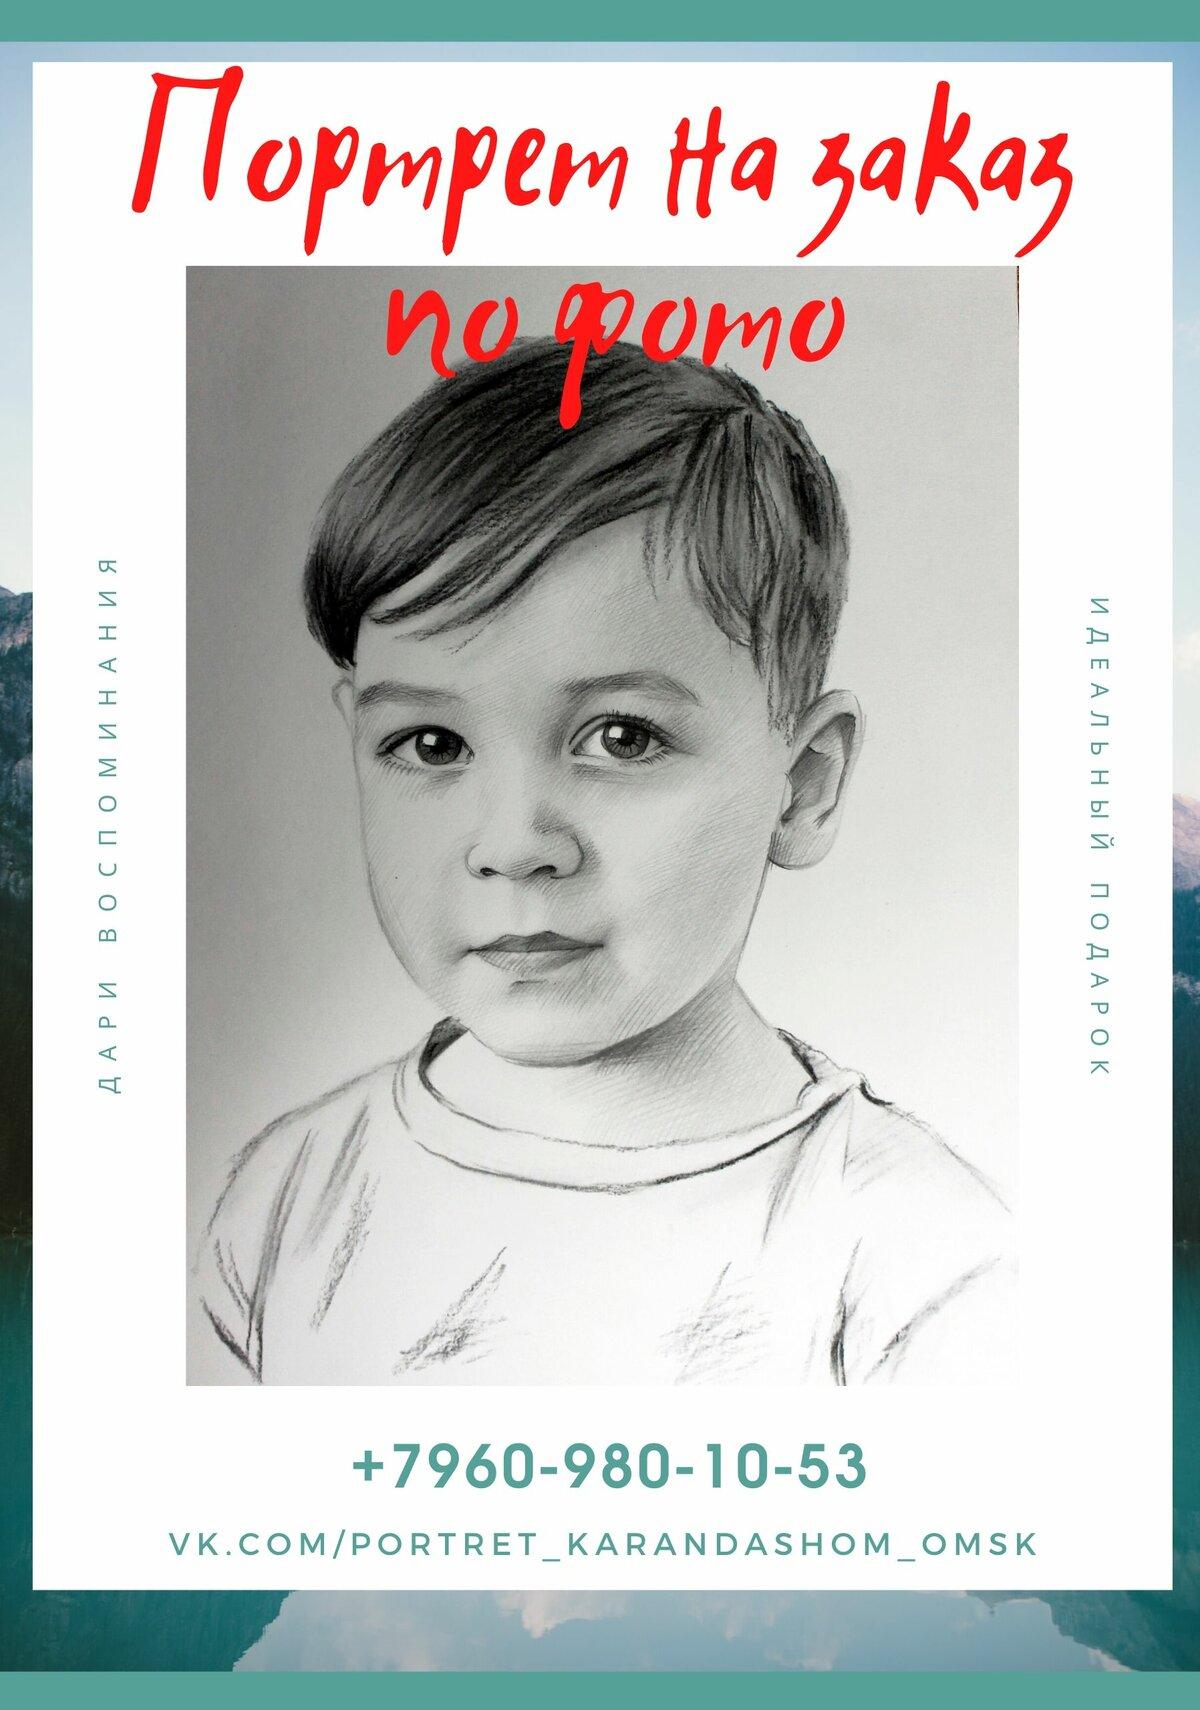 него портрет с фото в новосибирске фото персидский